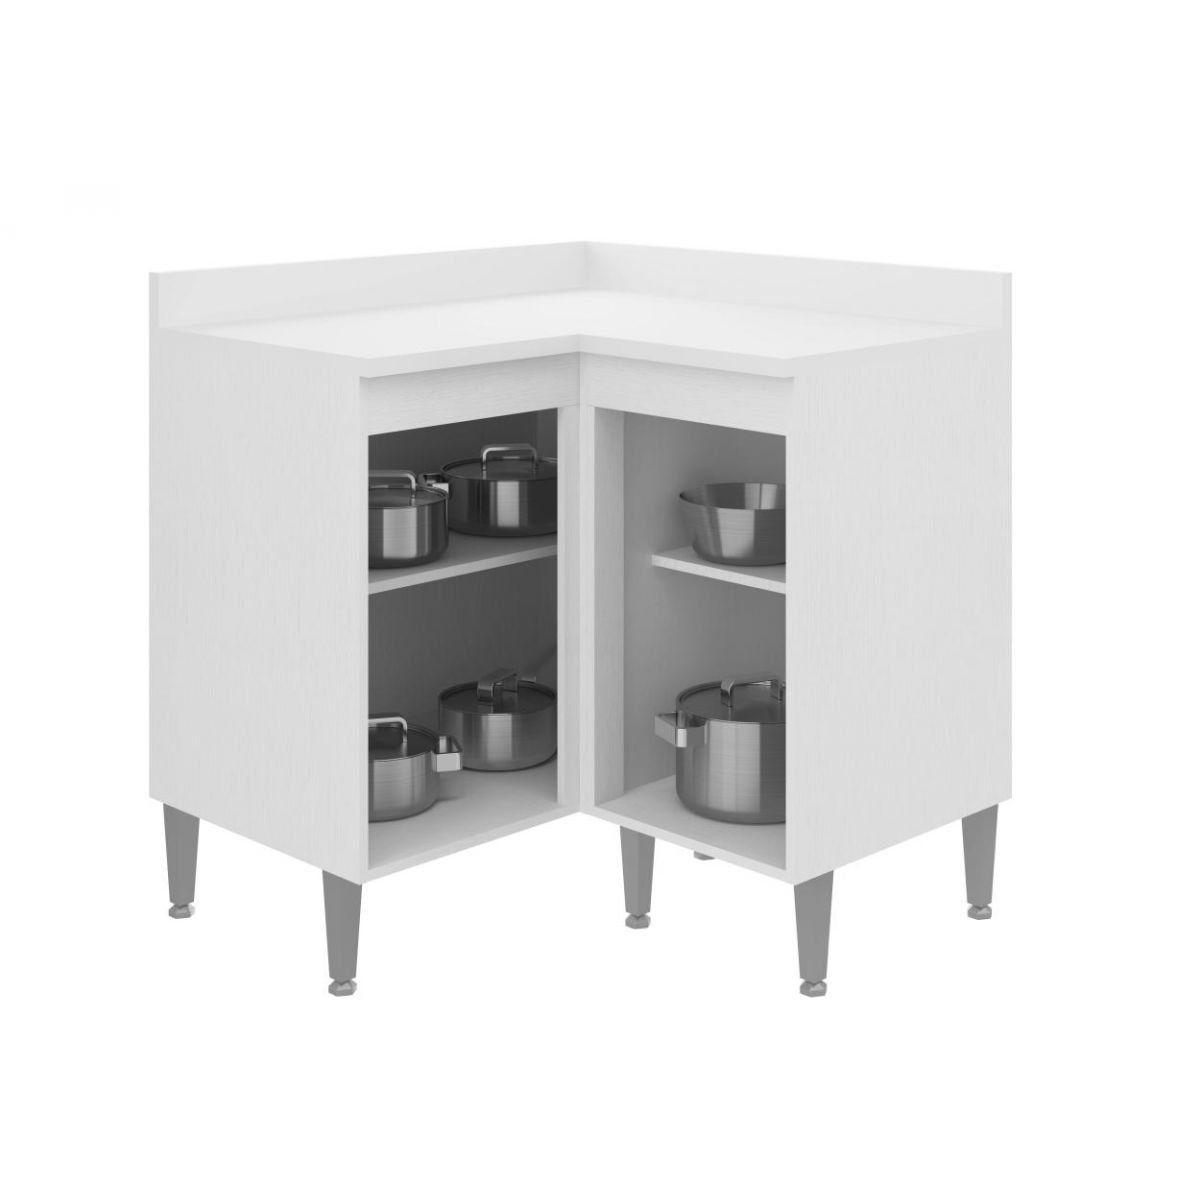 Balcão de Canto Modulado para Cozinha 5029 Toscana - Multimóveis